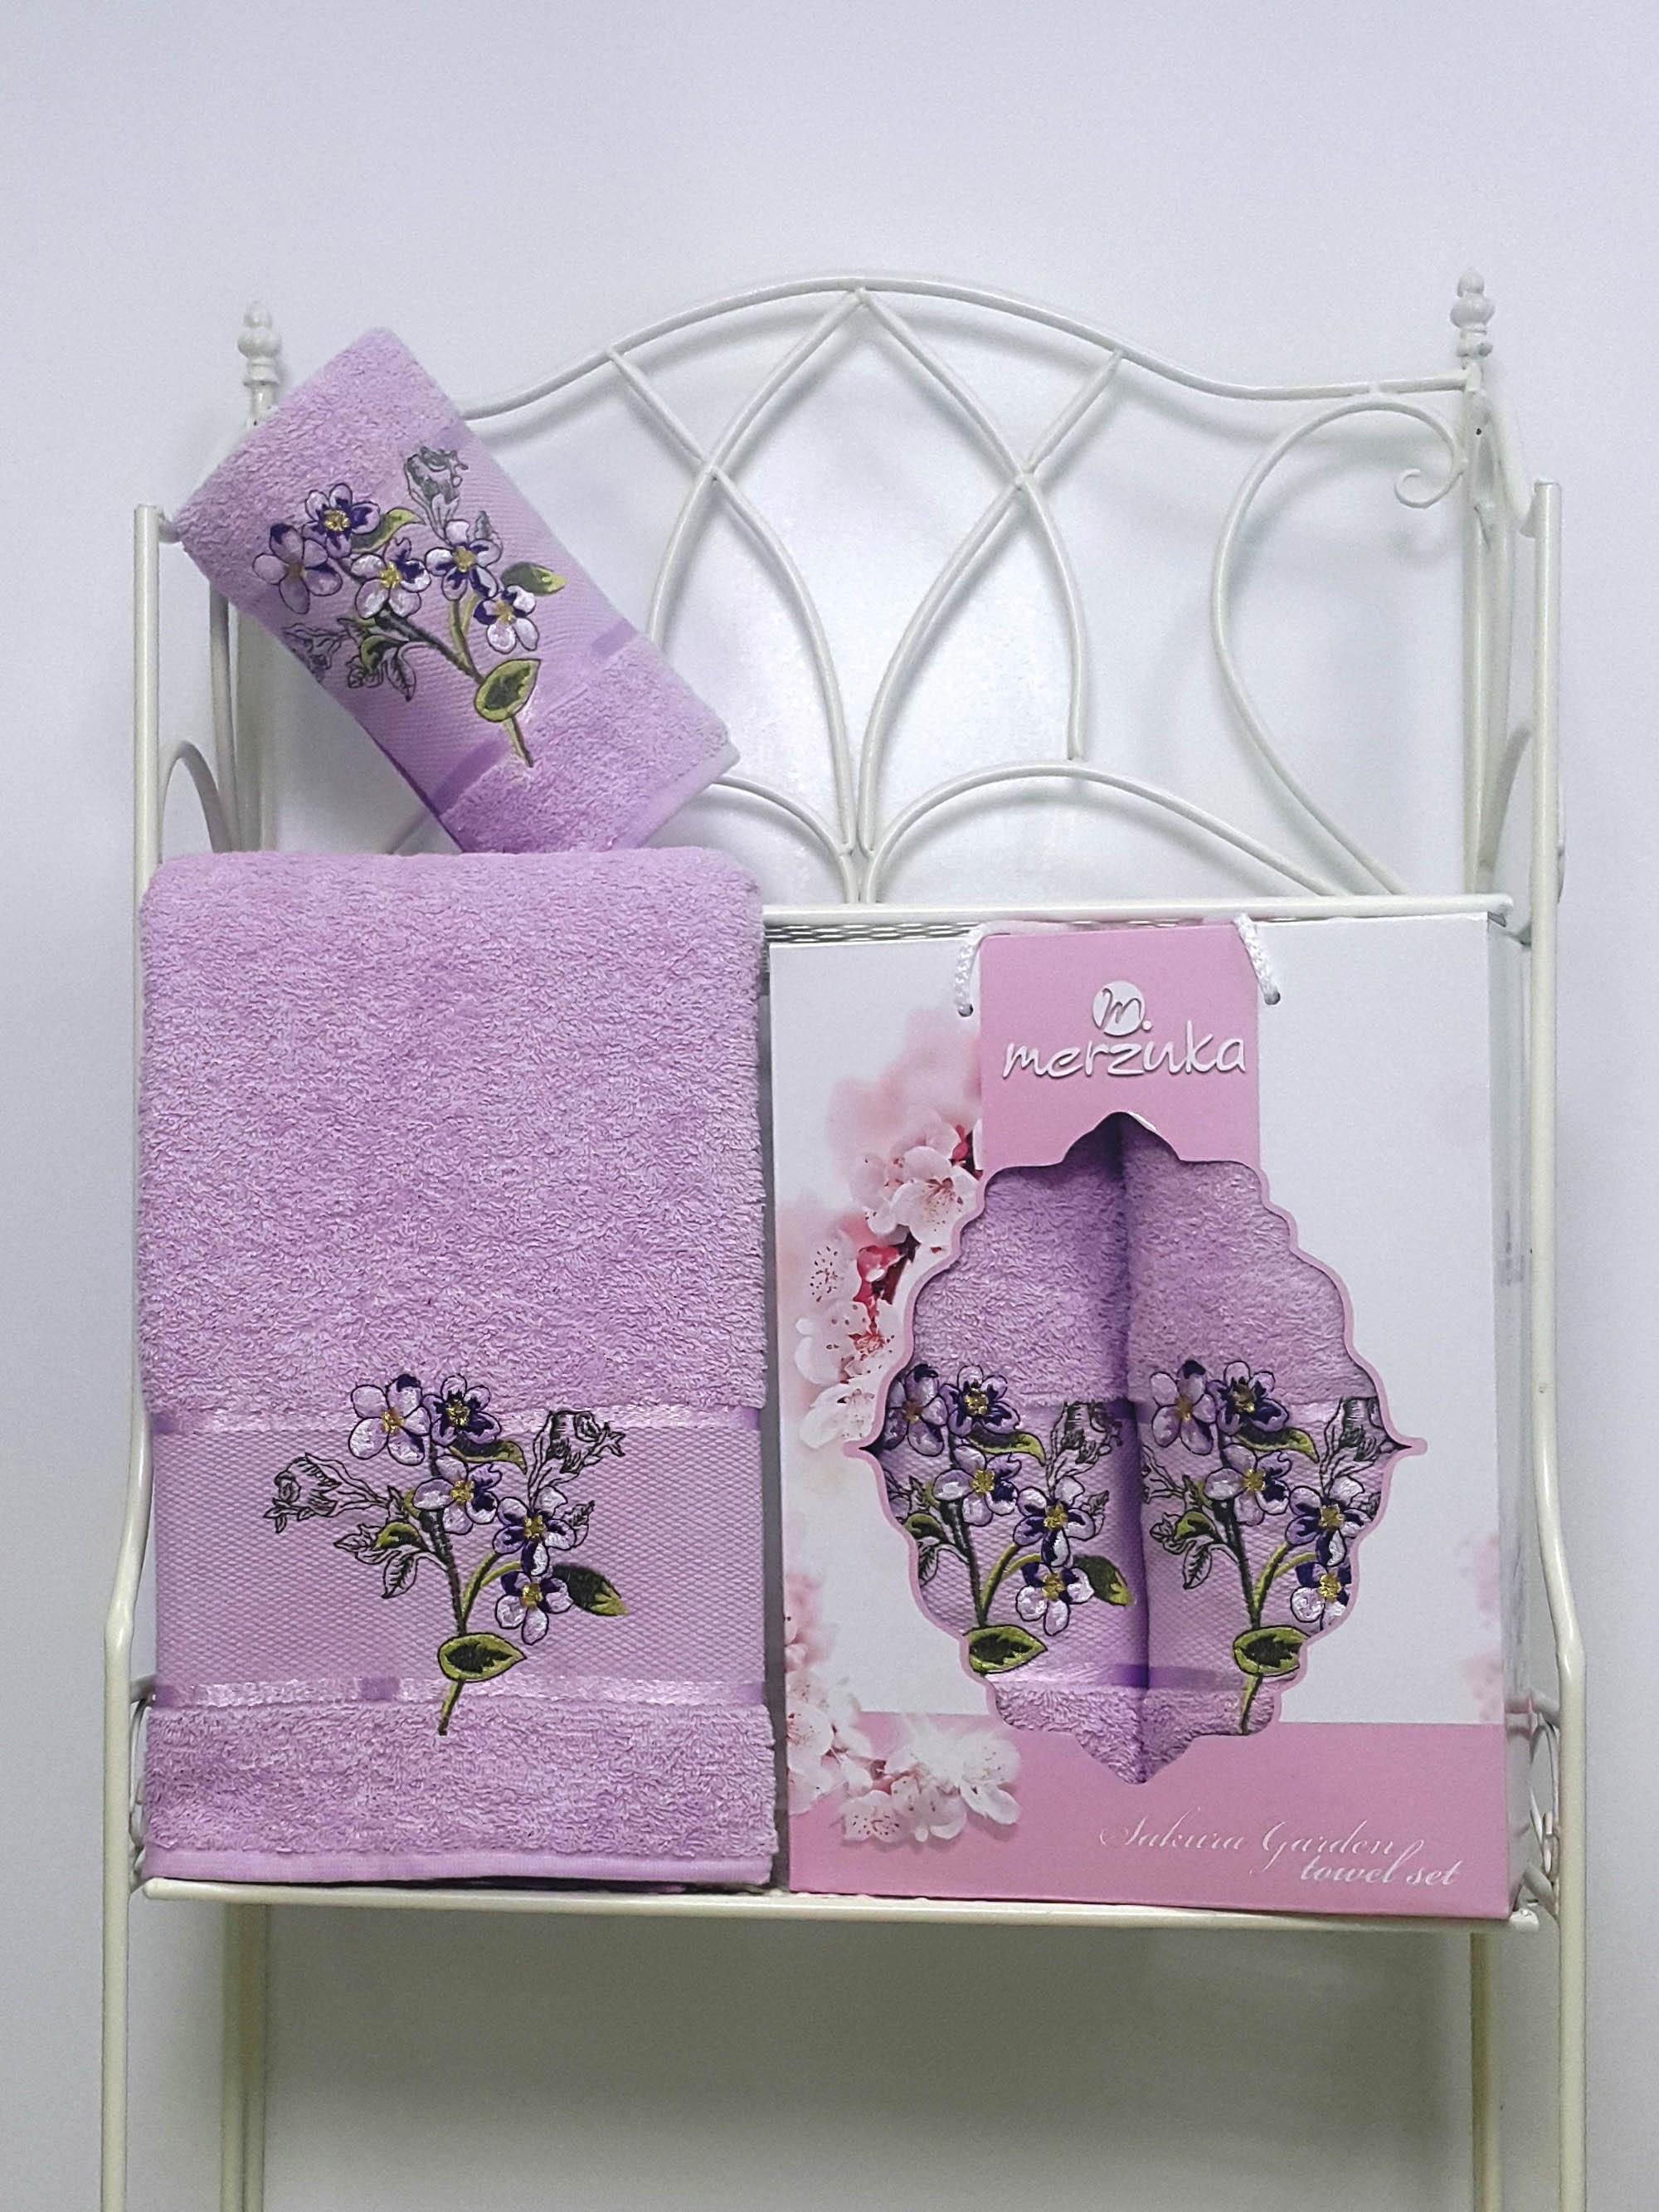 Полотенца Oran Merzuka Набор из 2 полотенец Sakura Garden Цвет: Сиреневый полотенца oran merzuka набор из 3 полотенец sakura цвет зелёный